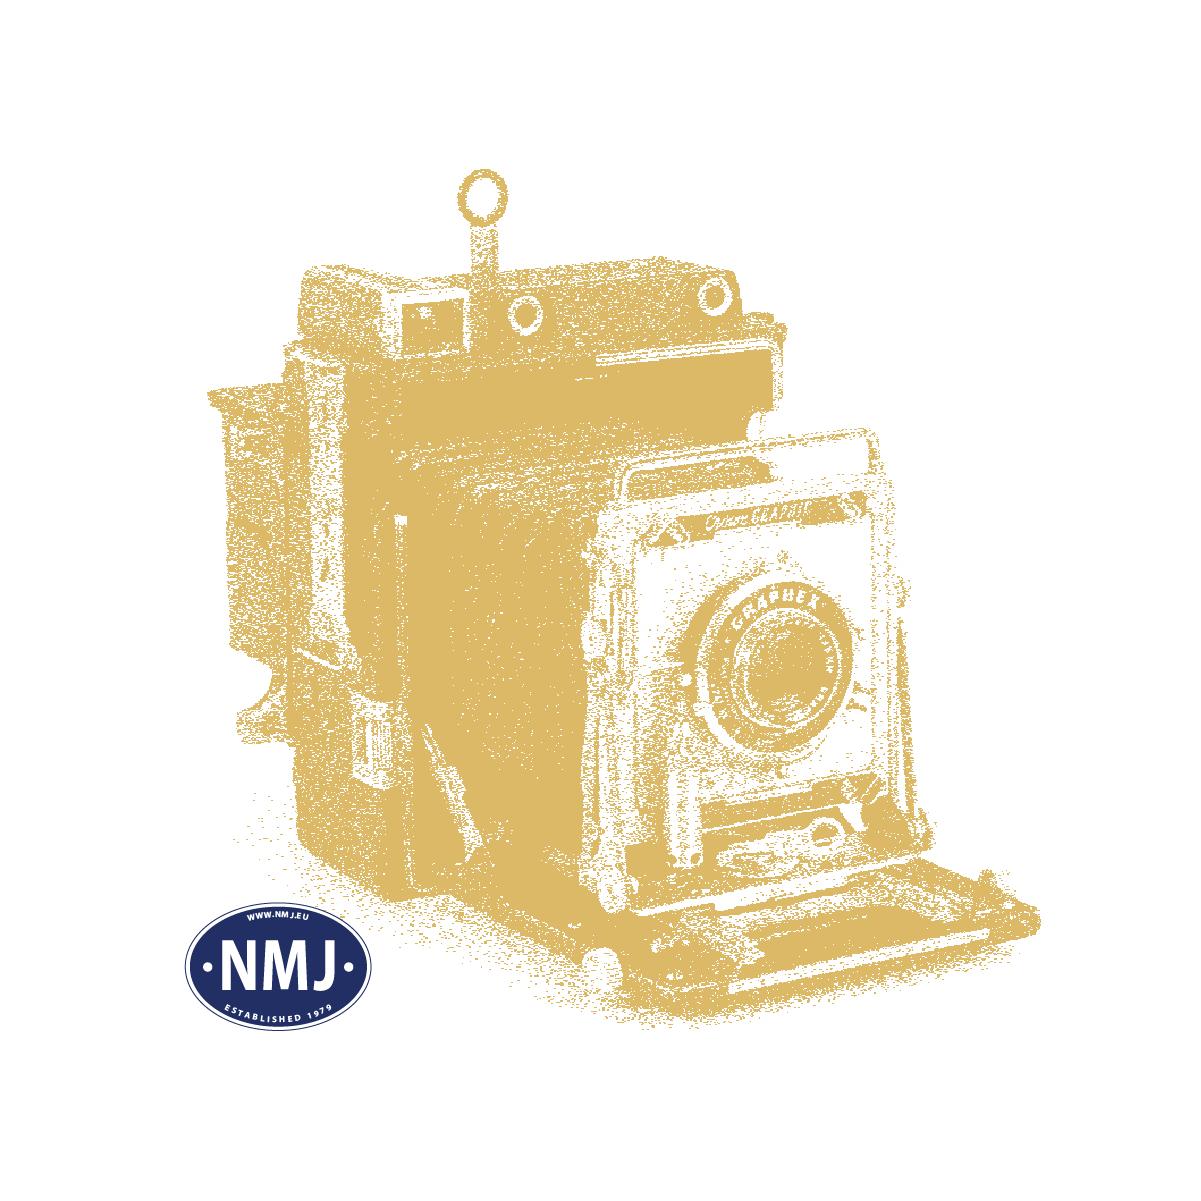 NMJSE1089 - NMJ Superline Modell der SJ Schlepptenderlok E 1089